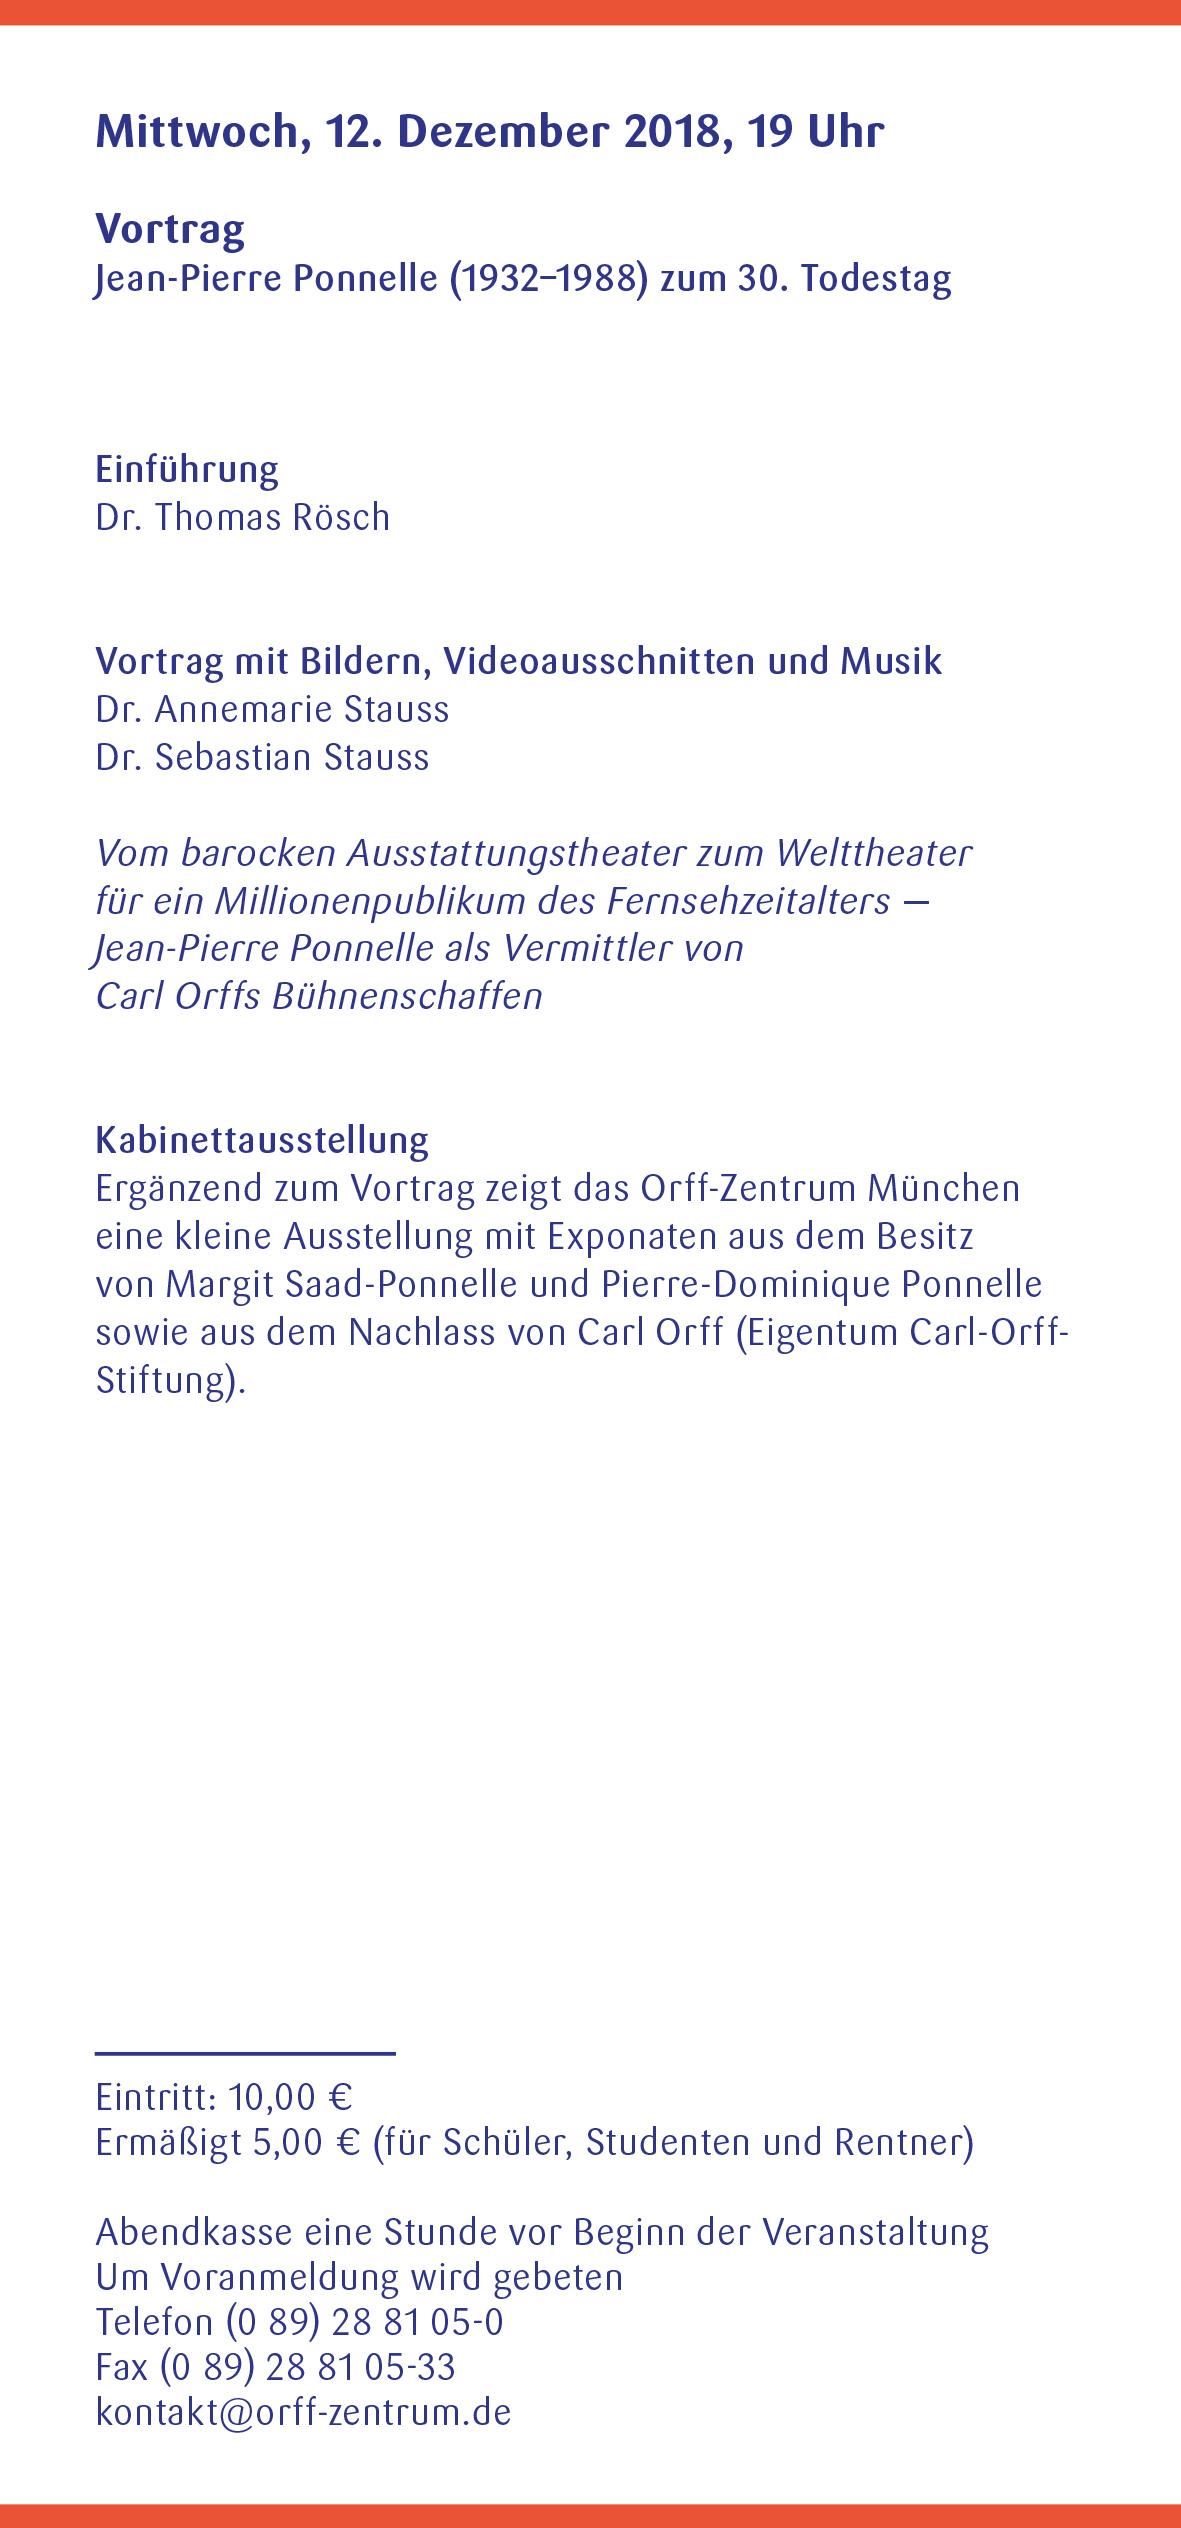 Orff-Zentrum München, Veranstaltungsflyer Nov.-Dez. 2018, Seite 4